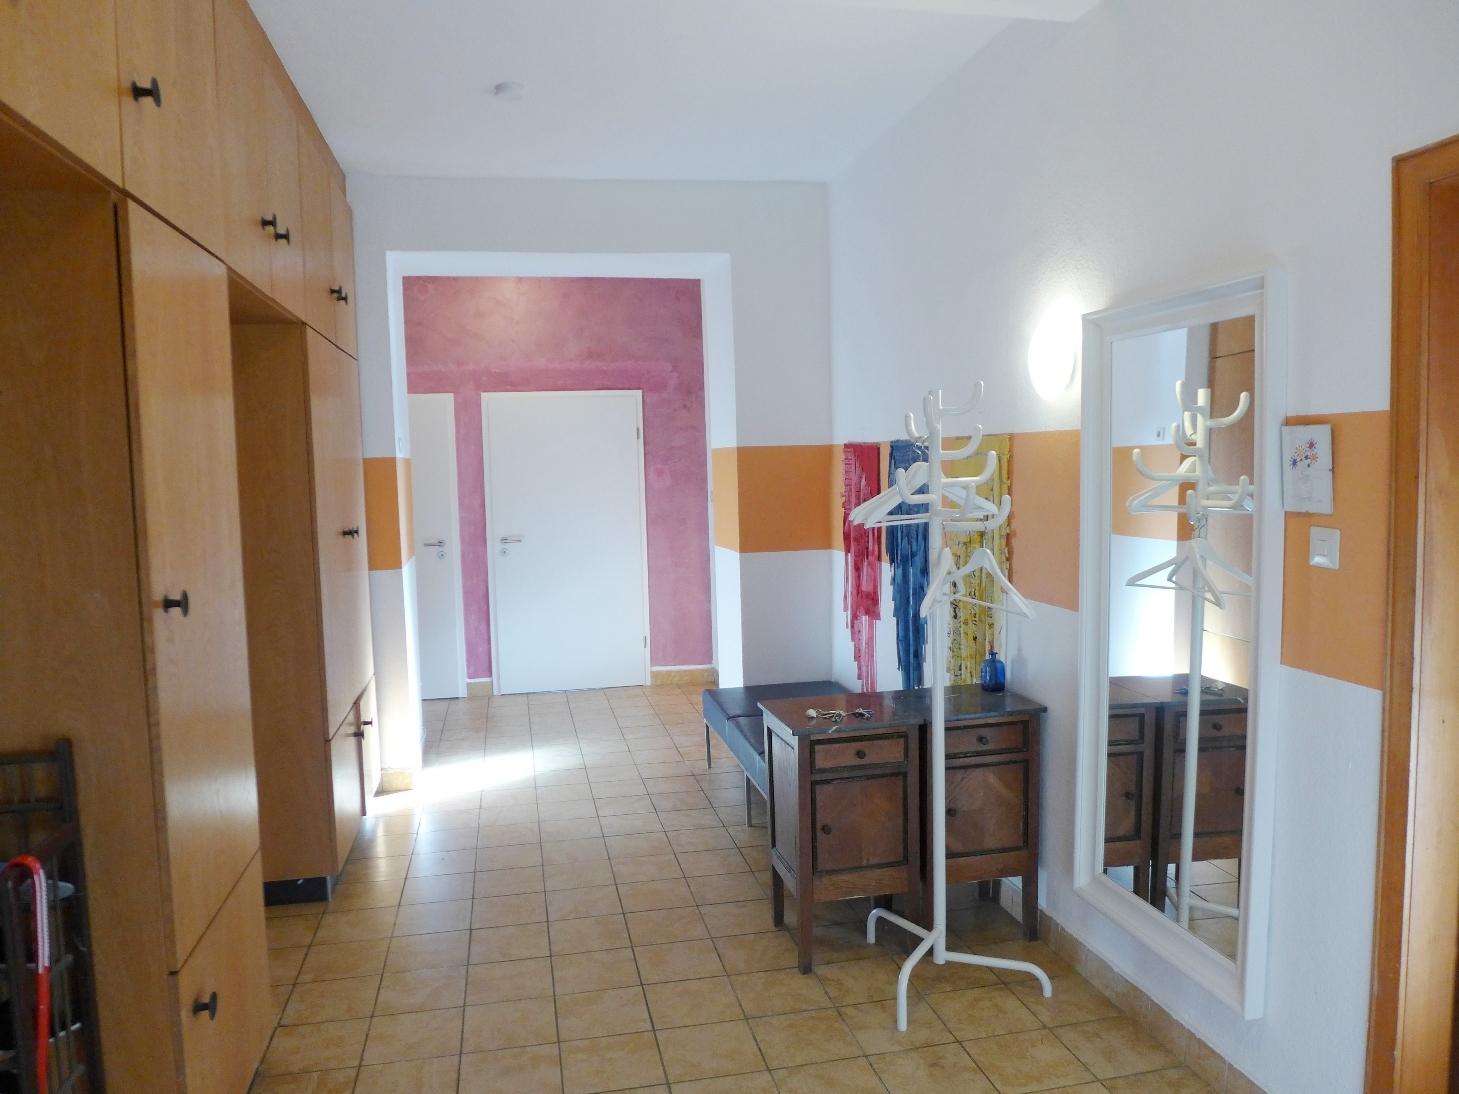 Sommerküche In Marburg : Am um uhr offene besichtigung keine anmeldung